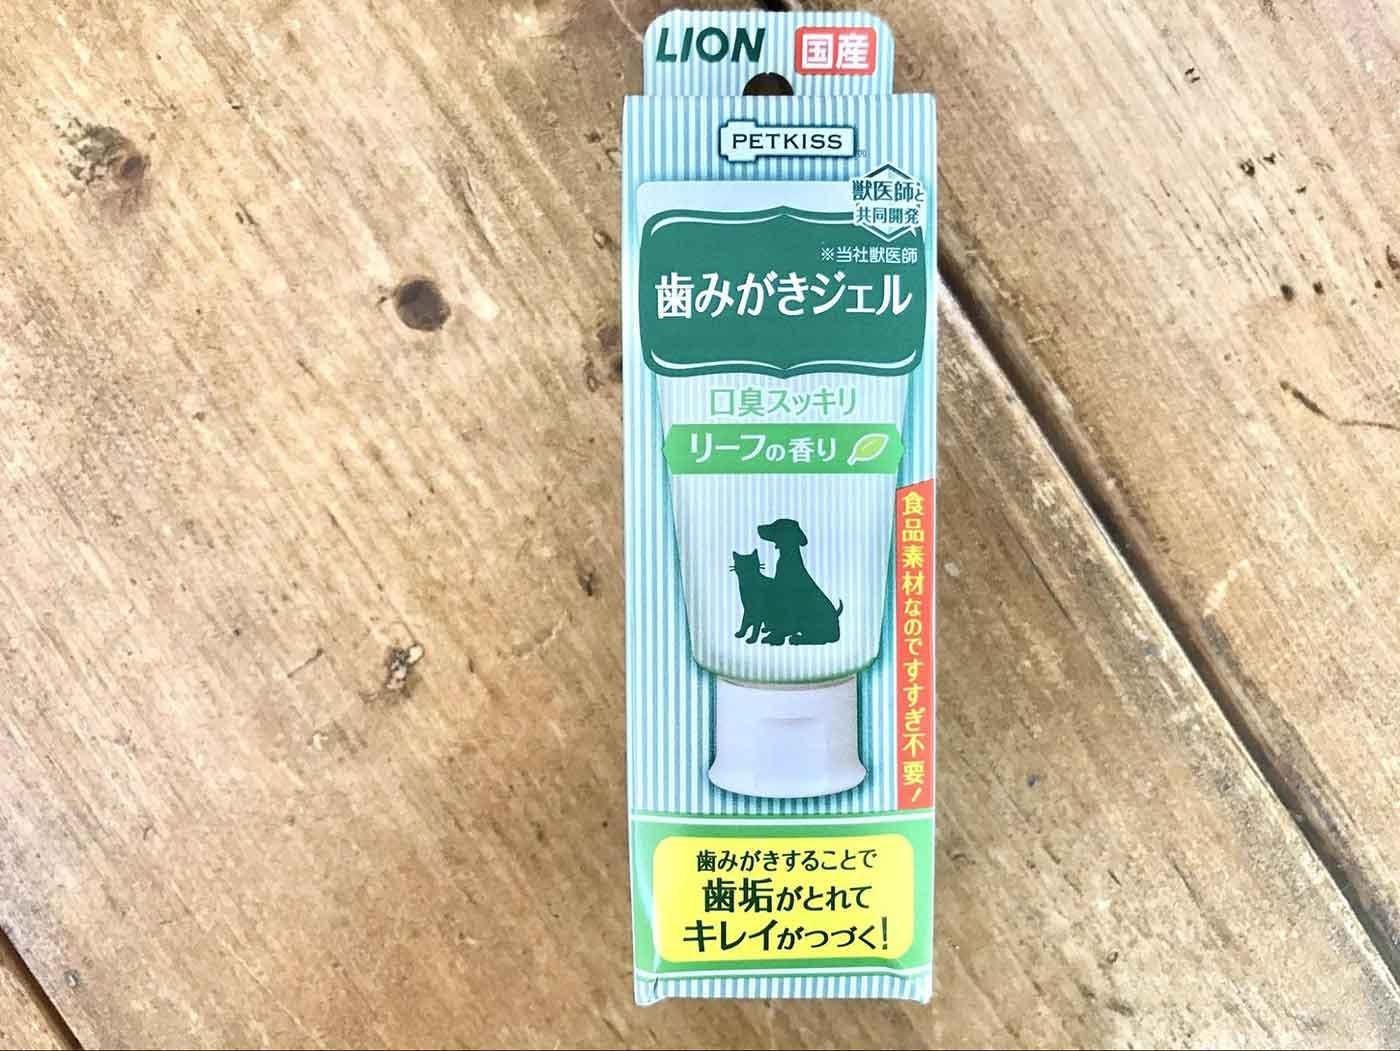 ライオン(LION)の「PETKISS歯みがきジェル リーフの香り」